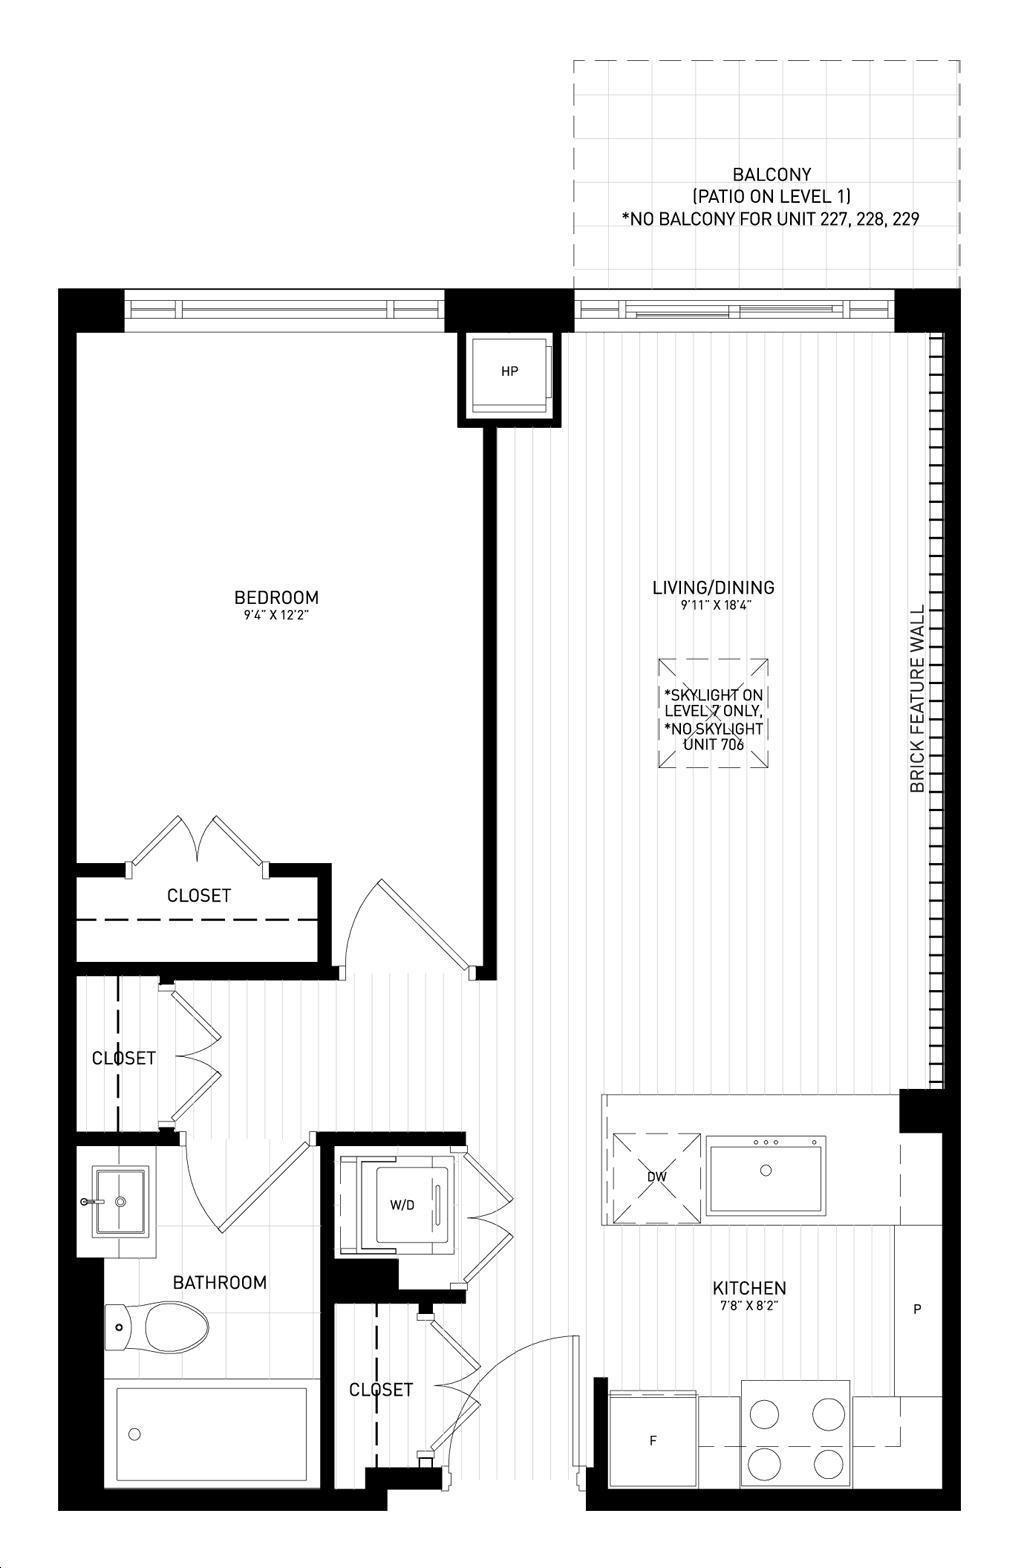 Showcase Lofts By Aragon B5 Floorplan 1 Bed 1 Bath